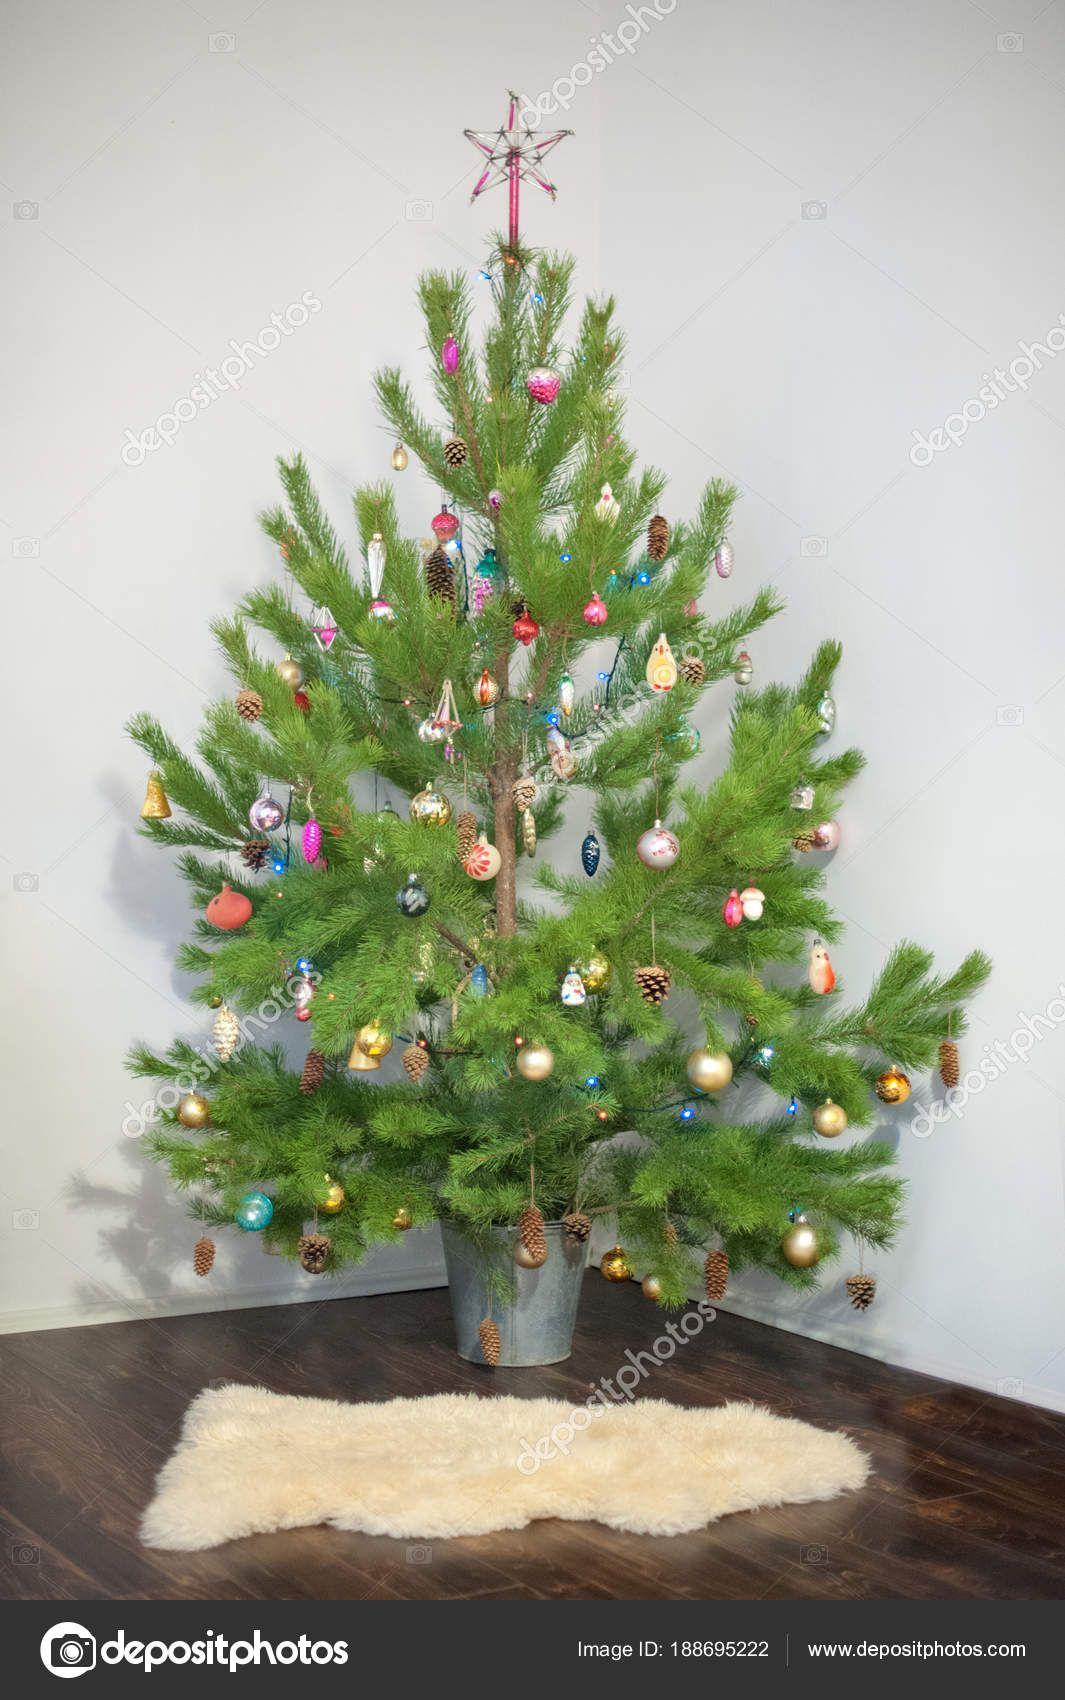 Gartendeko Weihnachten Best Of Choinki Girlandy Dekoracje Świąteczne — Zdjęcie Stockowe